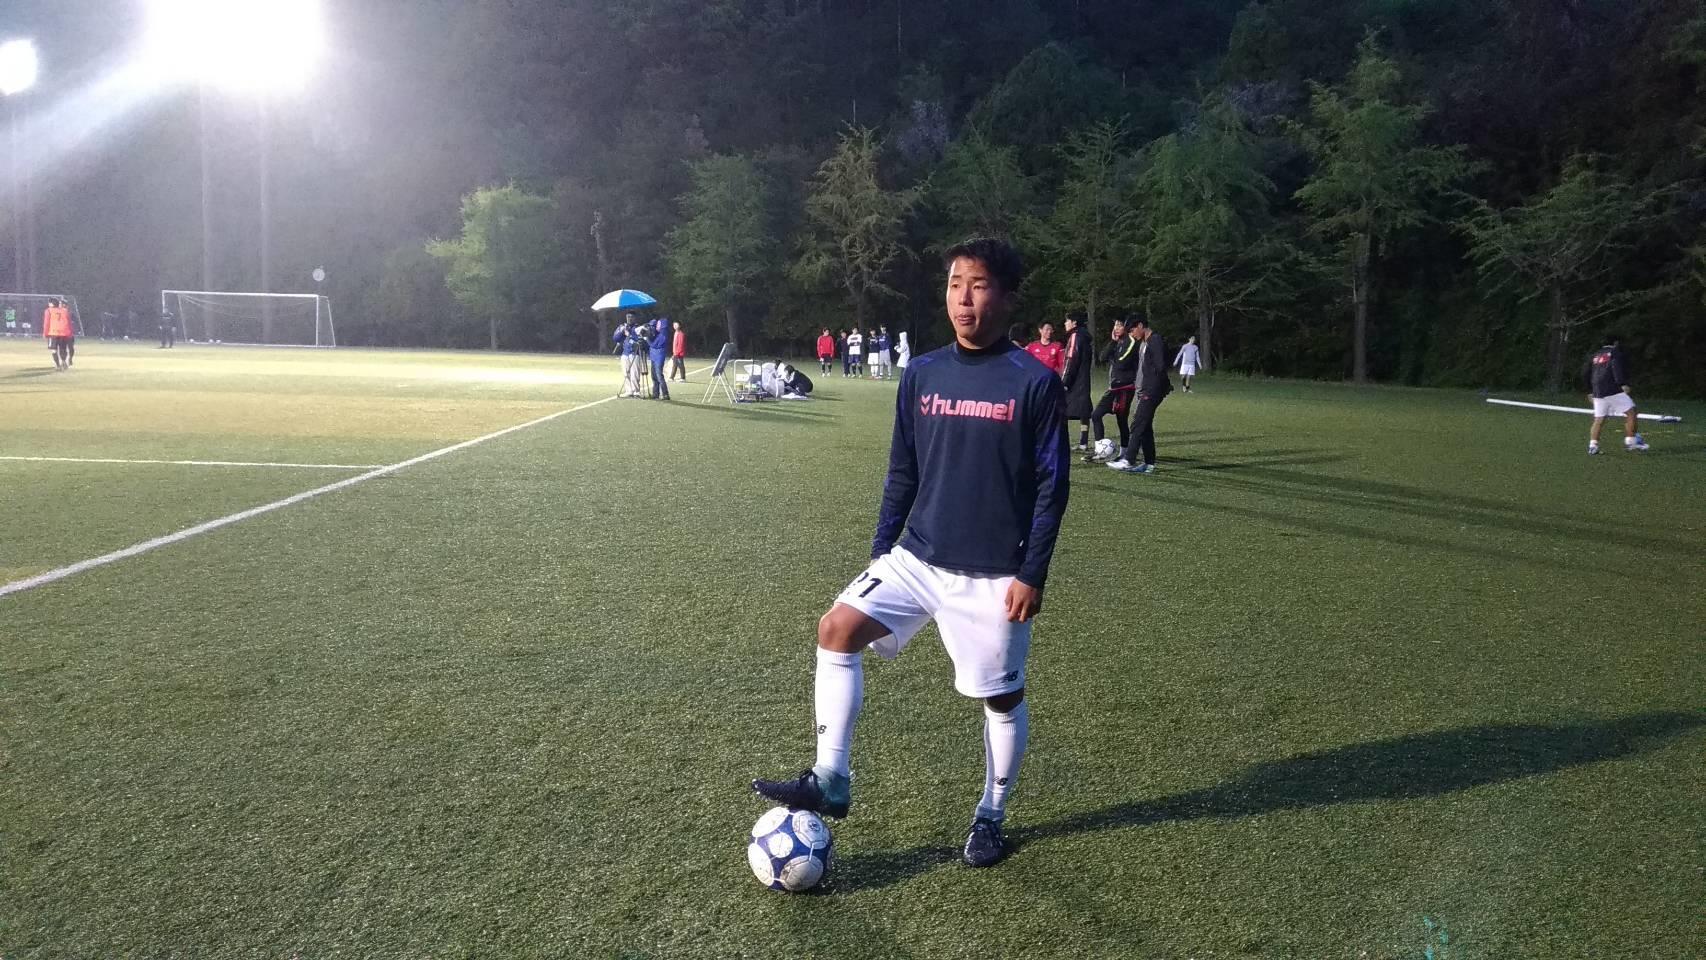 龍谷大学理工学部2年生(サッカー部)がデフ(ろう者)サッカー日本代表に選出されアジア大会に出場